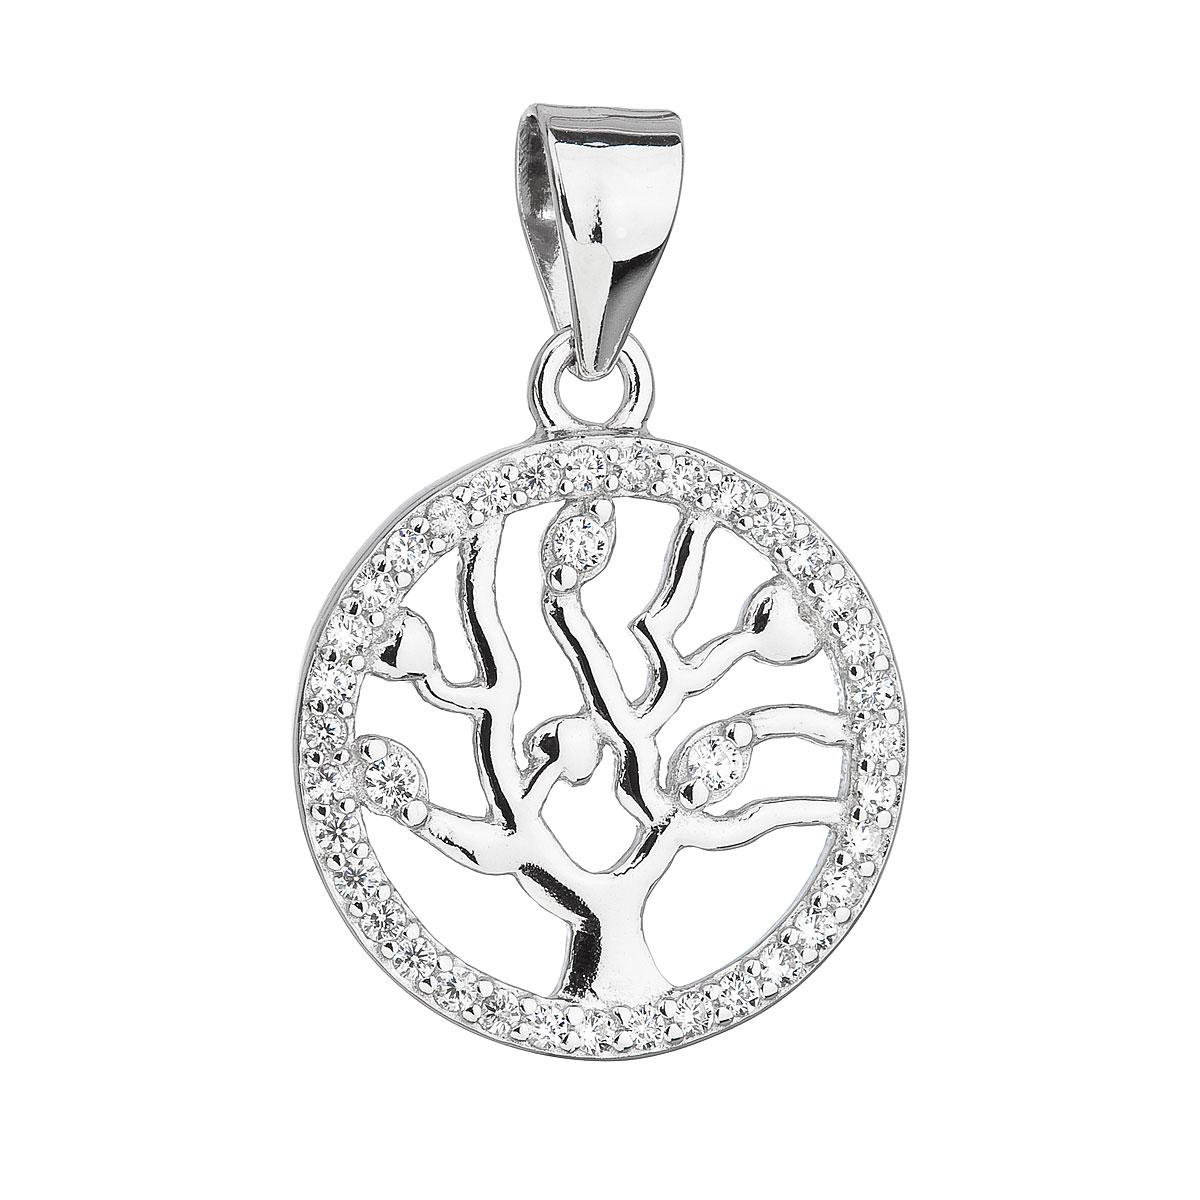 Evolution Group Stříbrný přívěsek se zirkony v bílé barvě strom života 14003.1